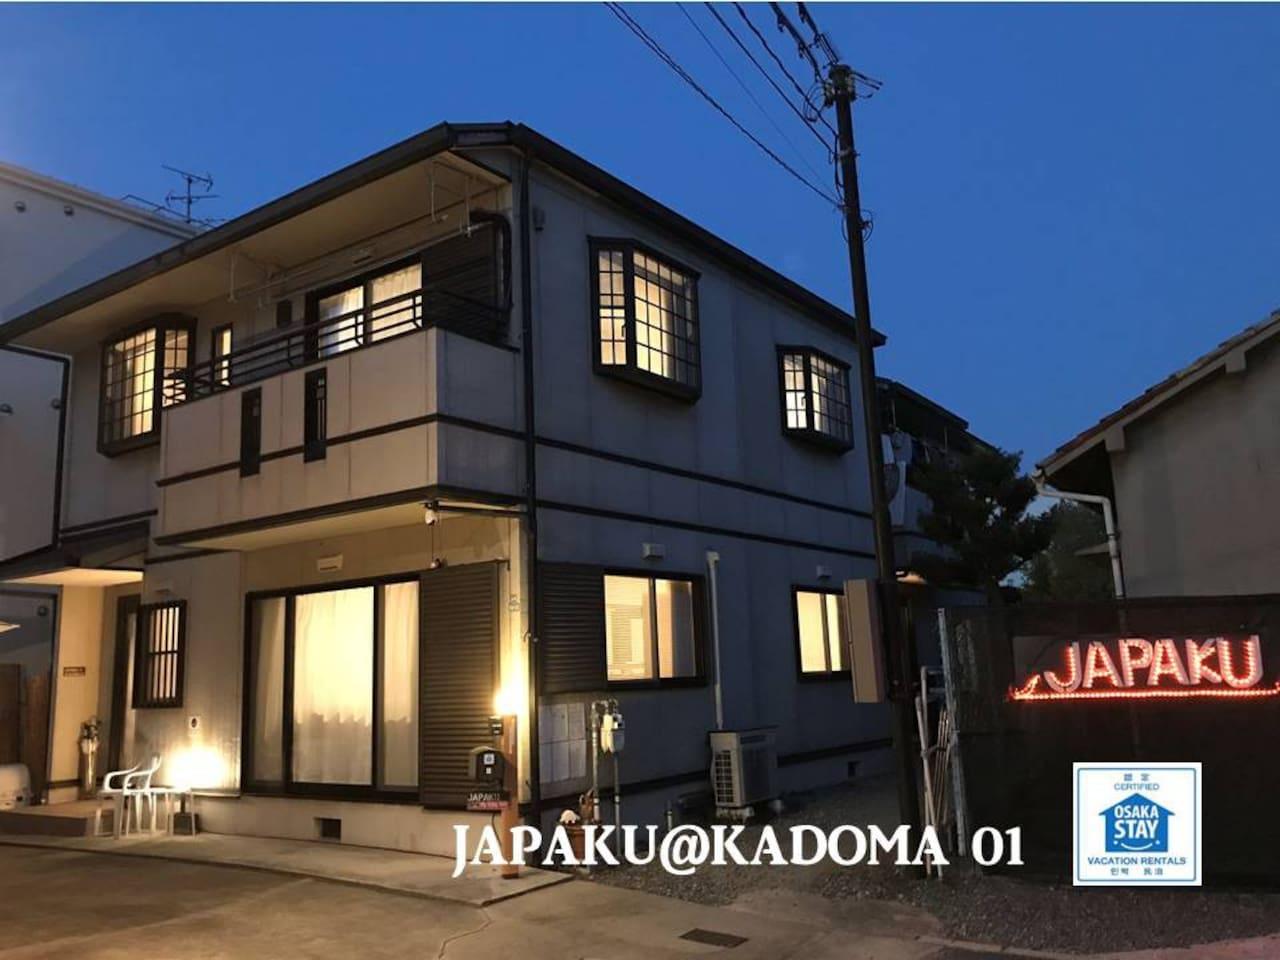 Night view of JAPAKU@KADOMA01